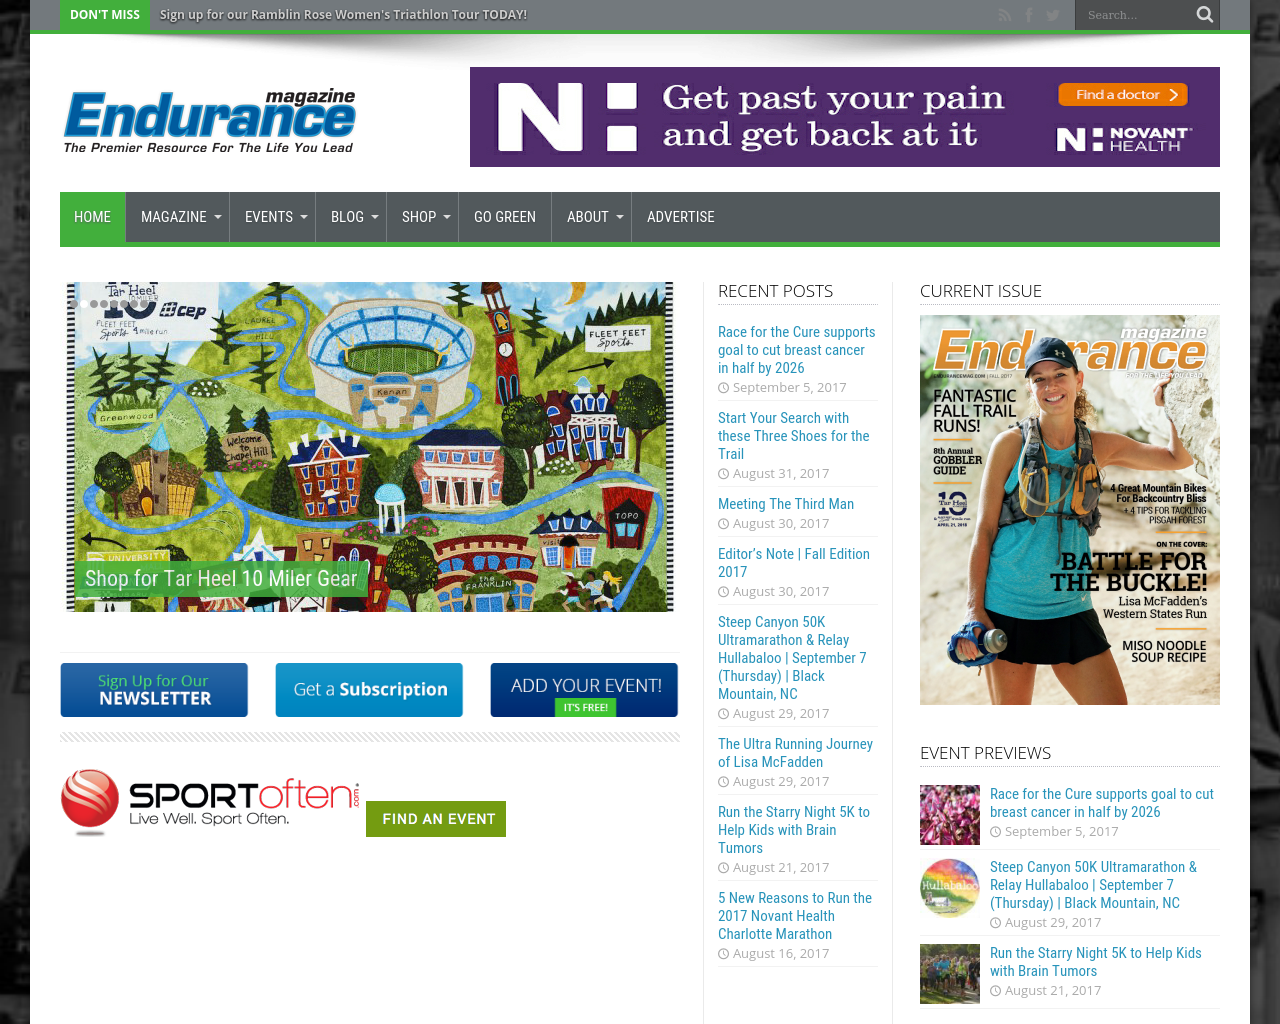 Endurance-Magazine-Advertising-Reviews-Pricing